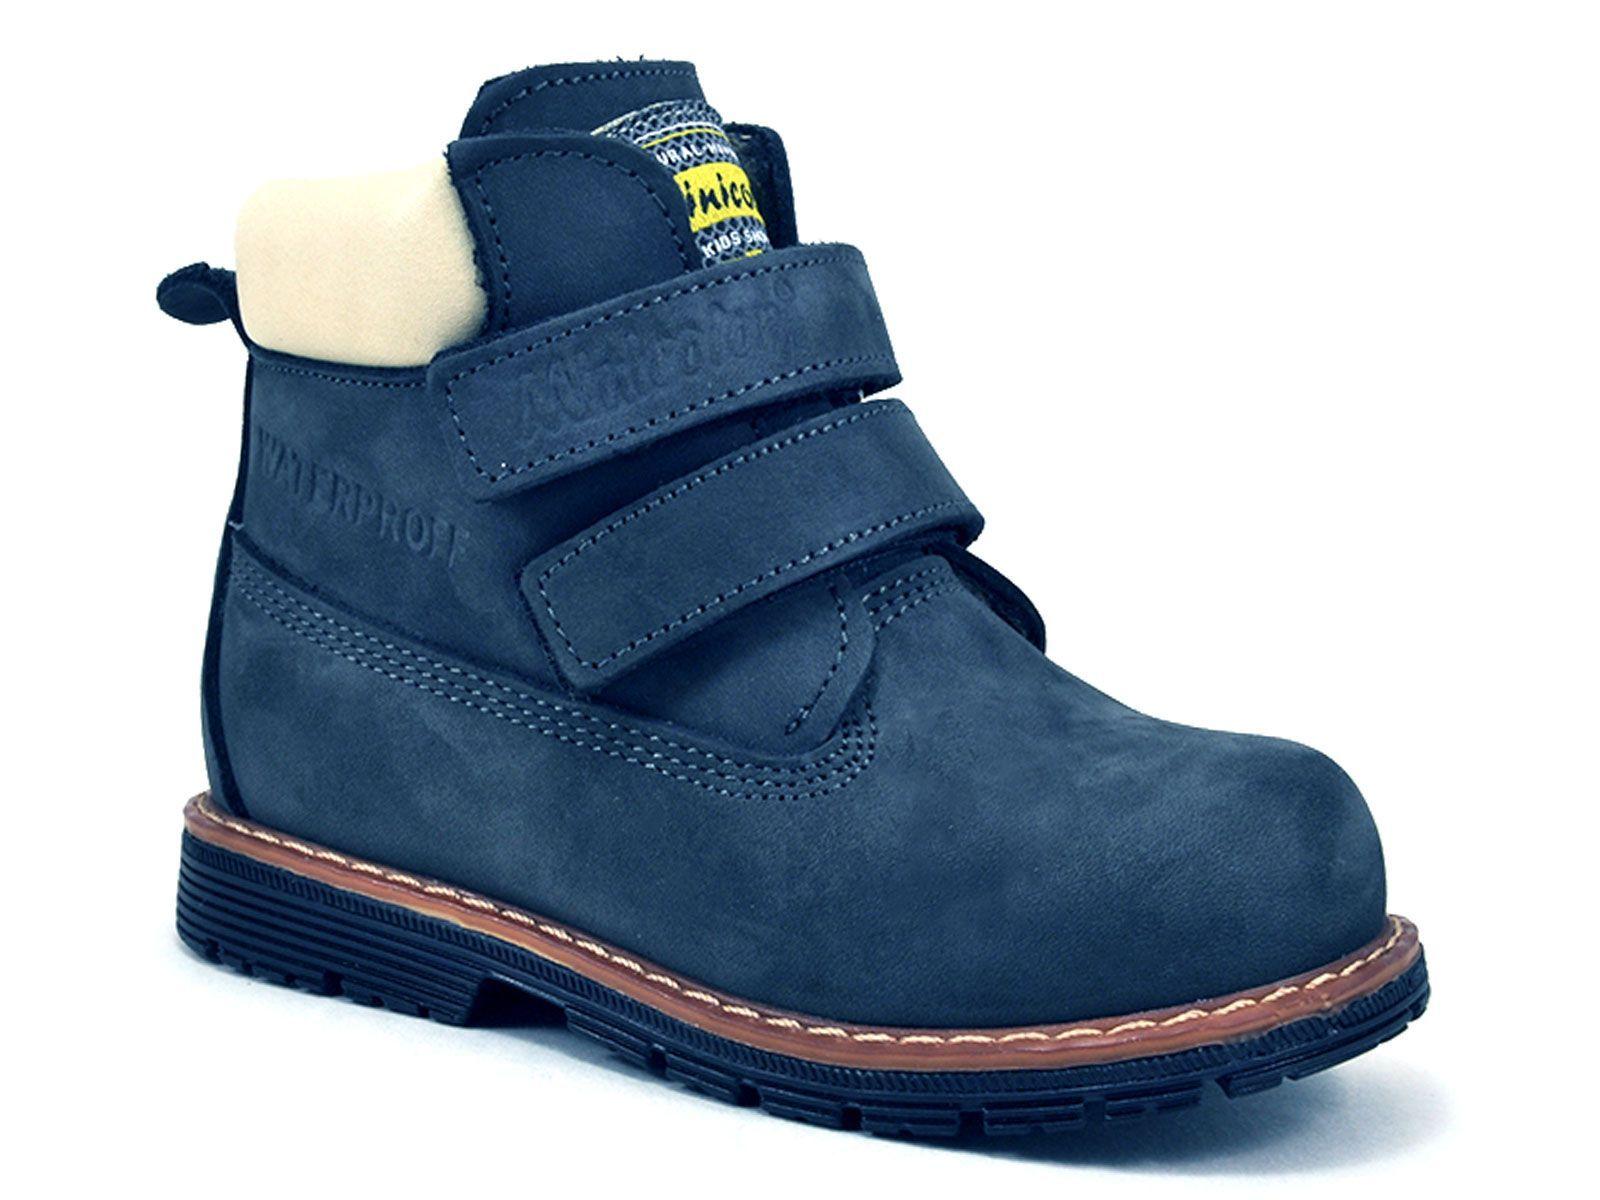 16a25a3c9 750-1 (37-40) Миниколор (Minicolor), ботинки детские ортопедические  профилактические утеплённые, кожа, флис, темно-голубой